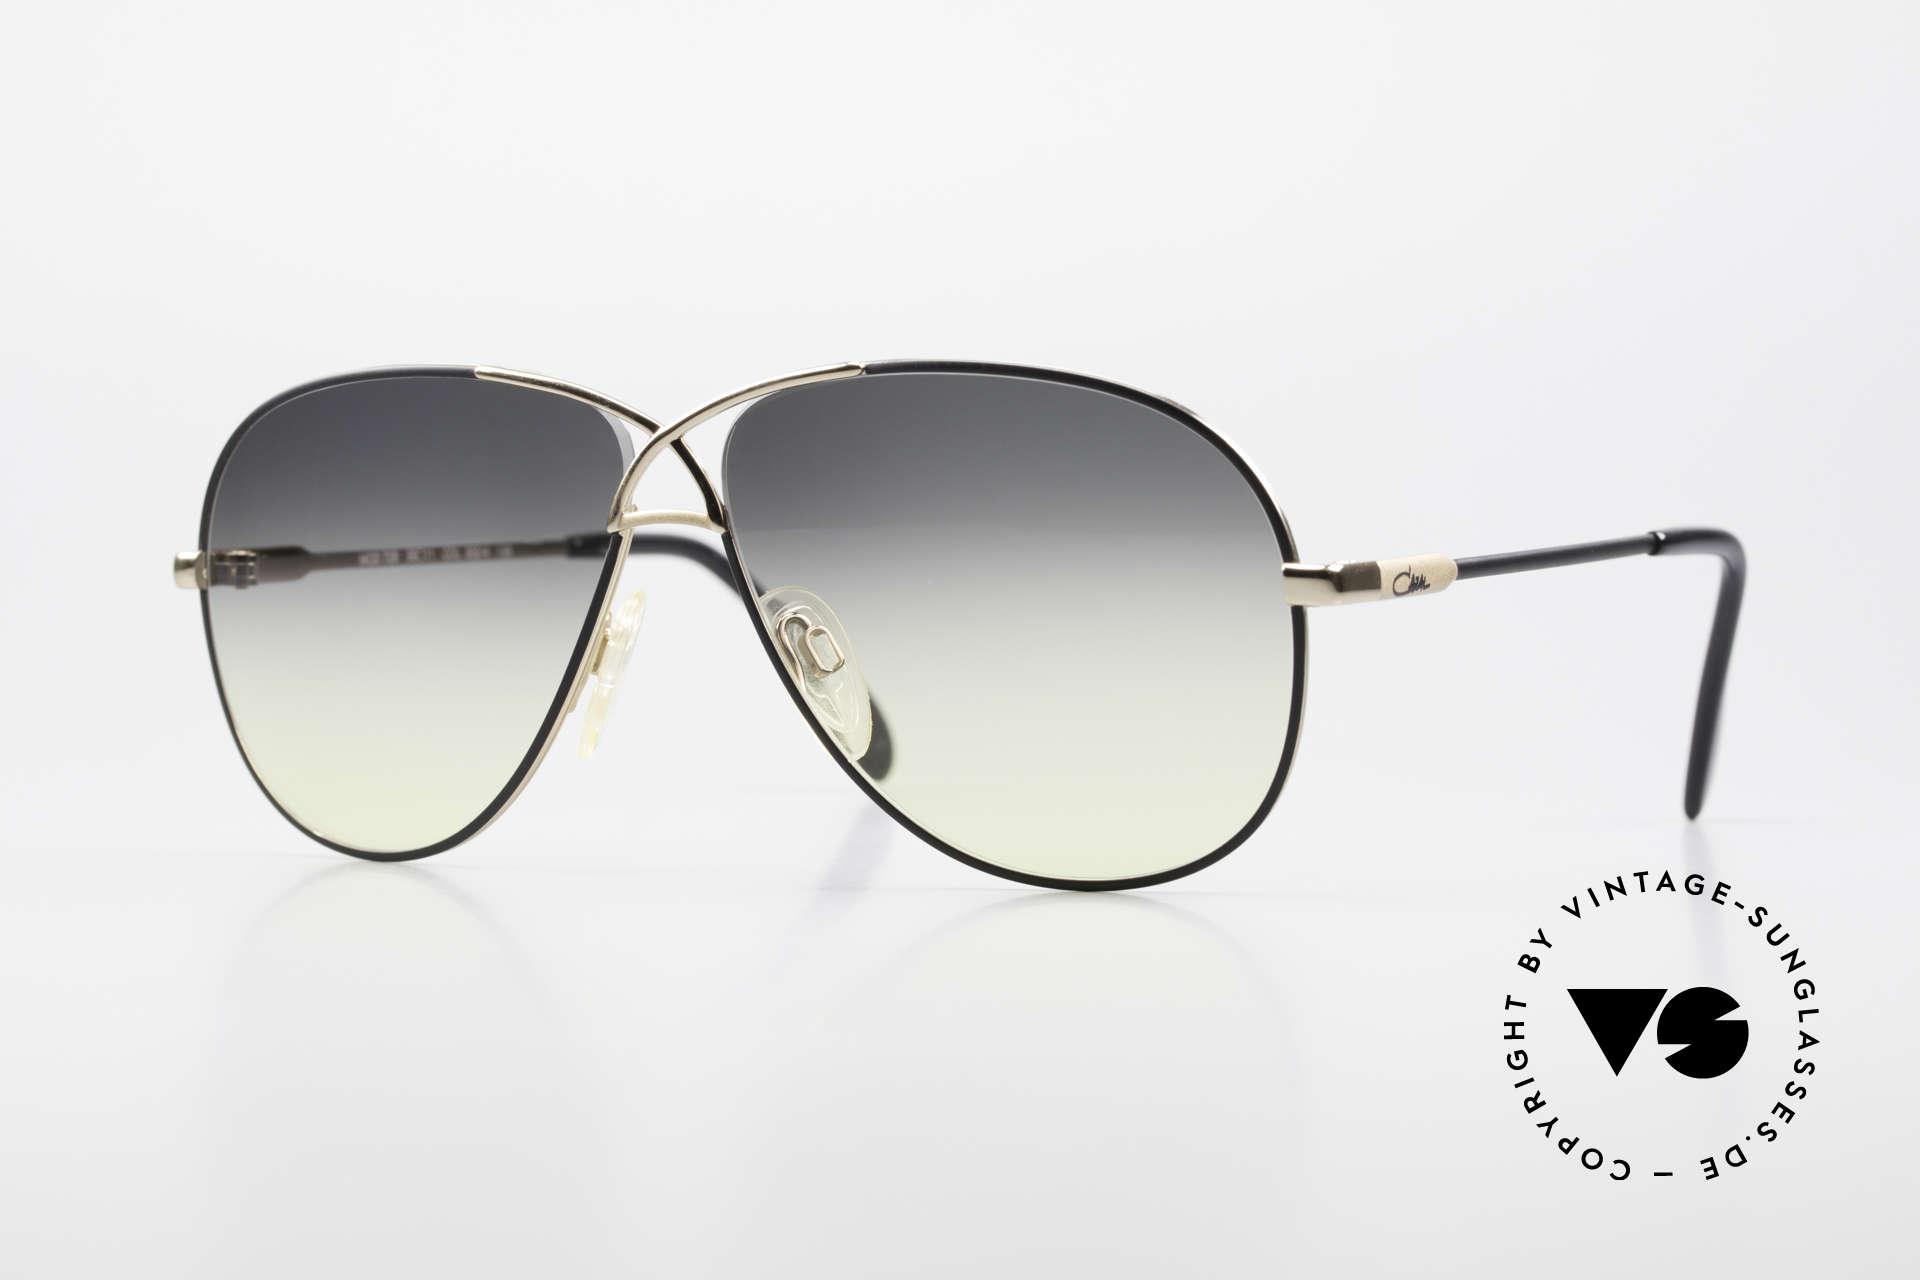 Cazal 728 Designer Aviator Sunglasses, legendary aviator design from the 80's by Cazal, Made for Men and Women